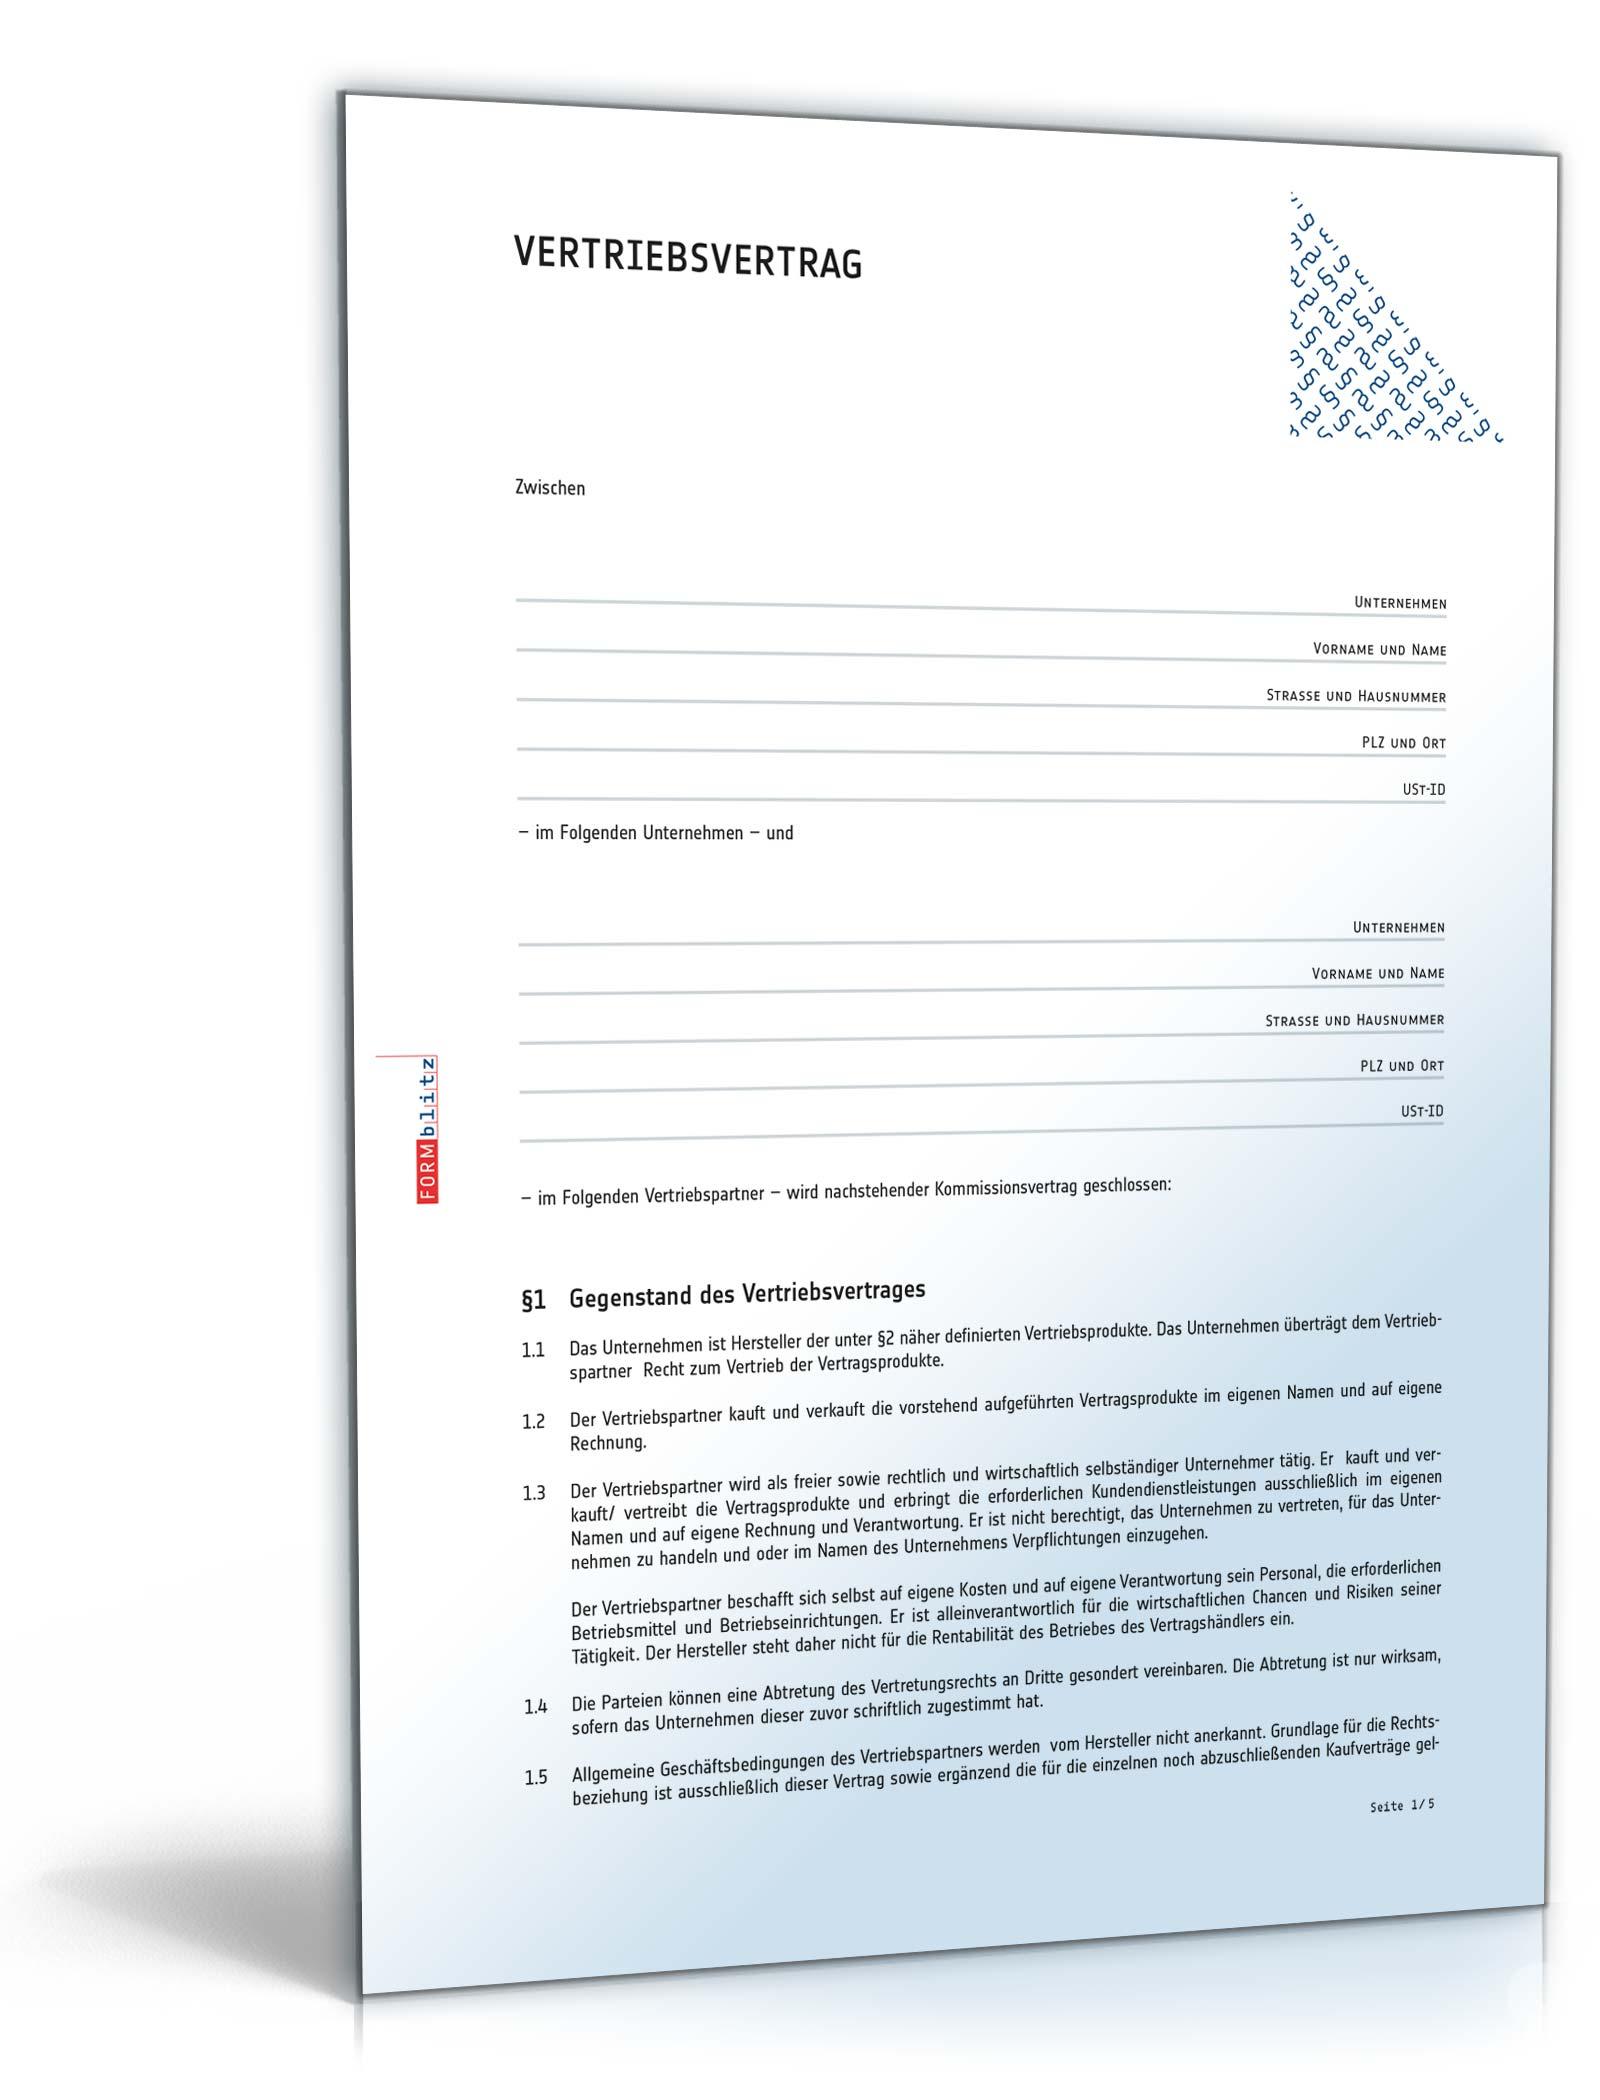 Vertriebsvertrag Rechtssicheres Muster Zum Downloadd